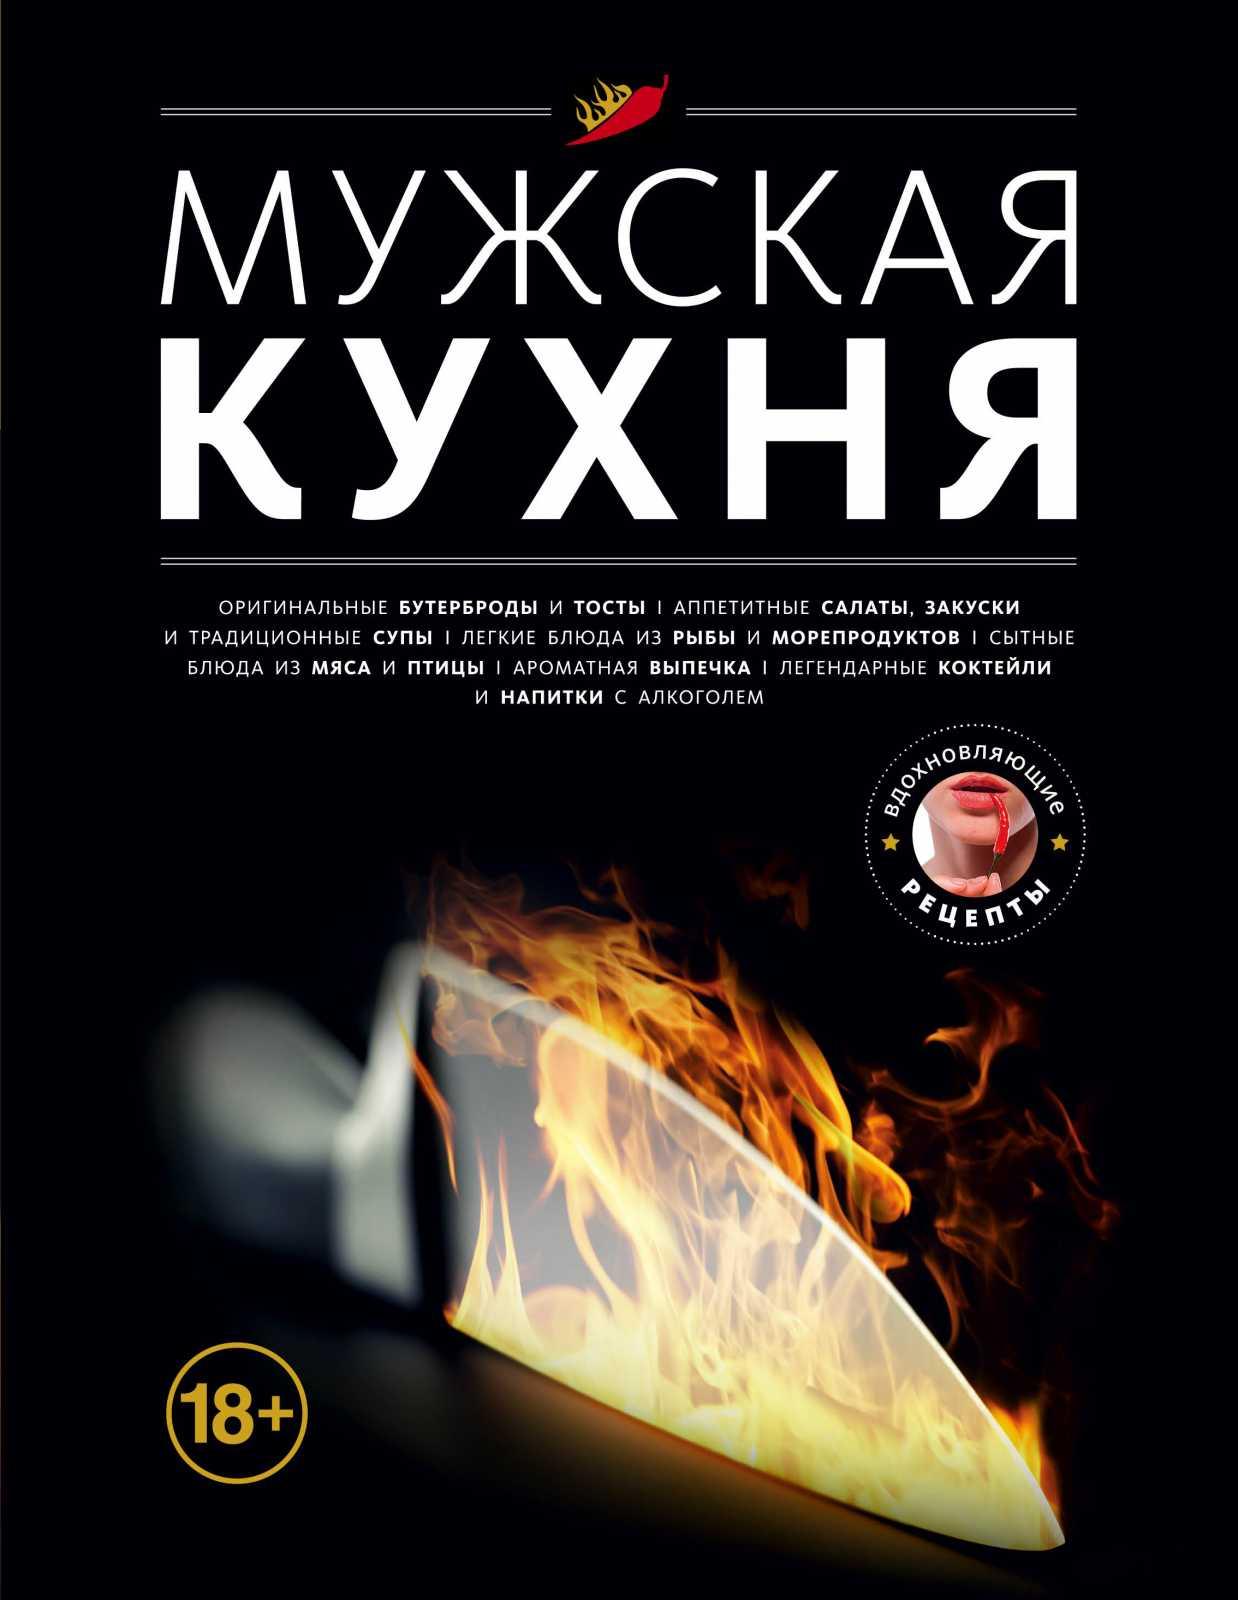 Онлайн каталог PROMENU: Книга «Мужская кухня» Books Books IS